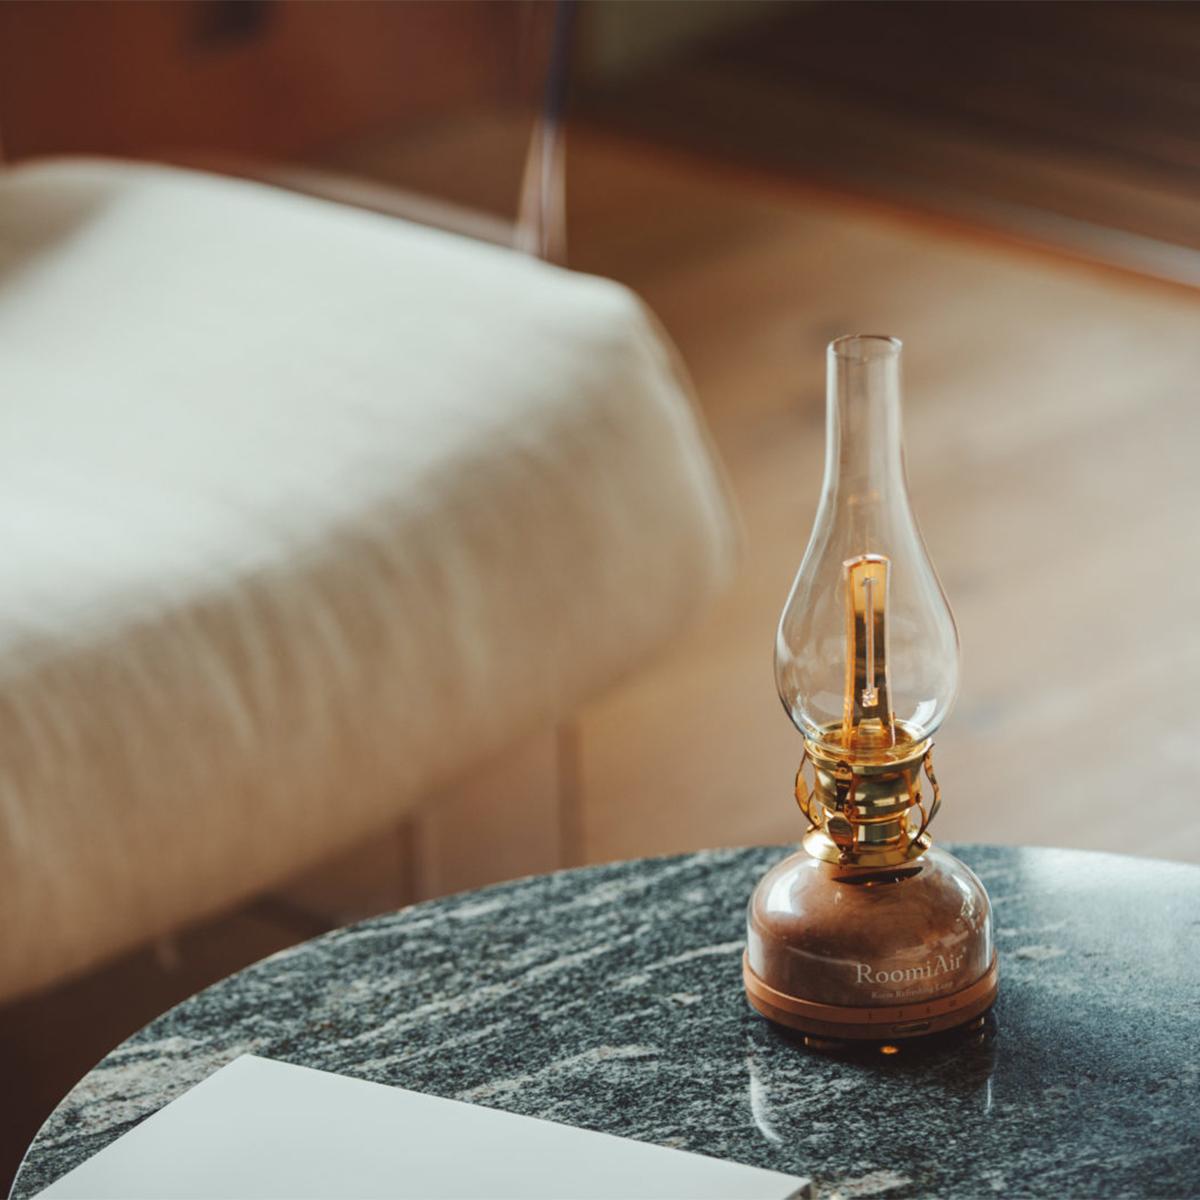 リビング、寝室、キッチンや玄関の空気を、隅々までクリーンに。日本初、特許のUVランプでウイルス・菌を不活化させる「オゾン発生器・間接照明ランプ」|RoomiAir